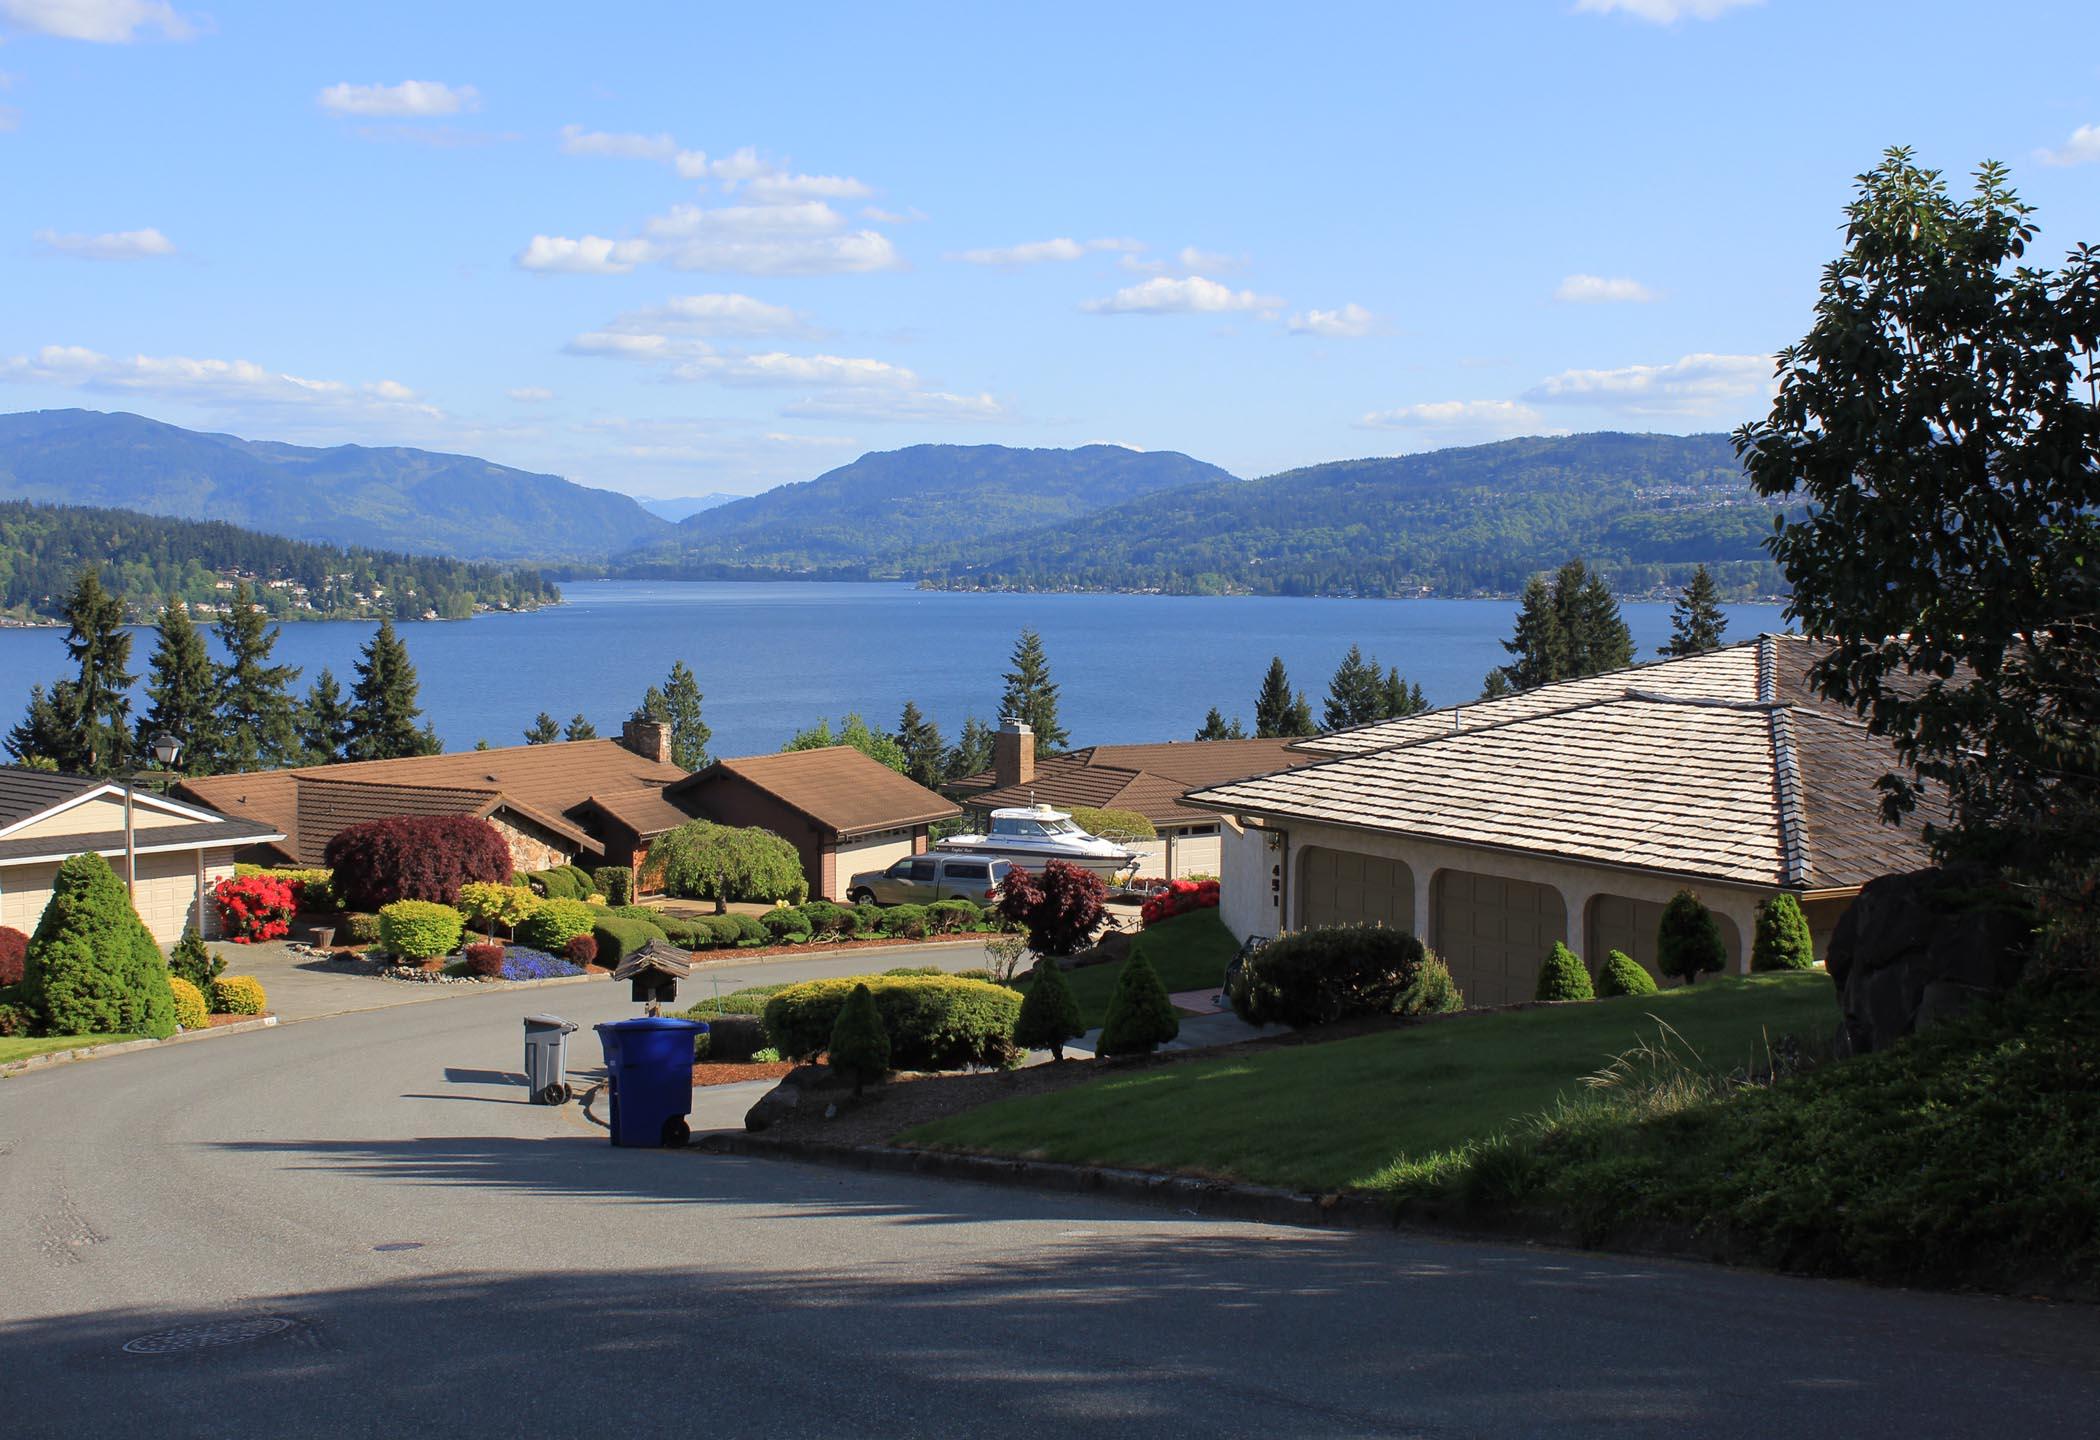 Lochmoor Homes For Sale Bellevue Wa